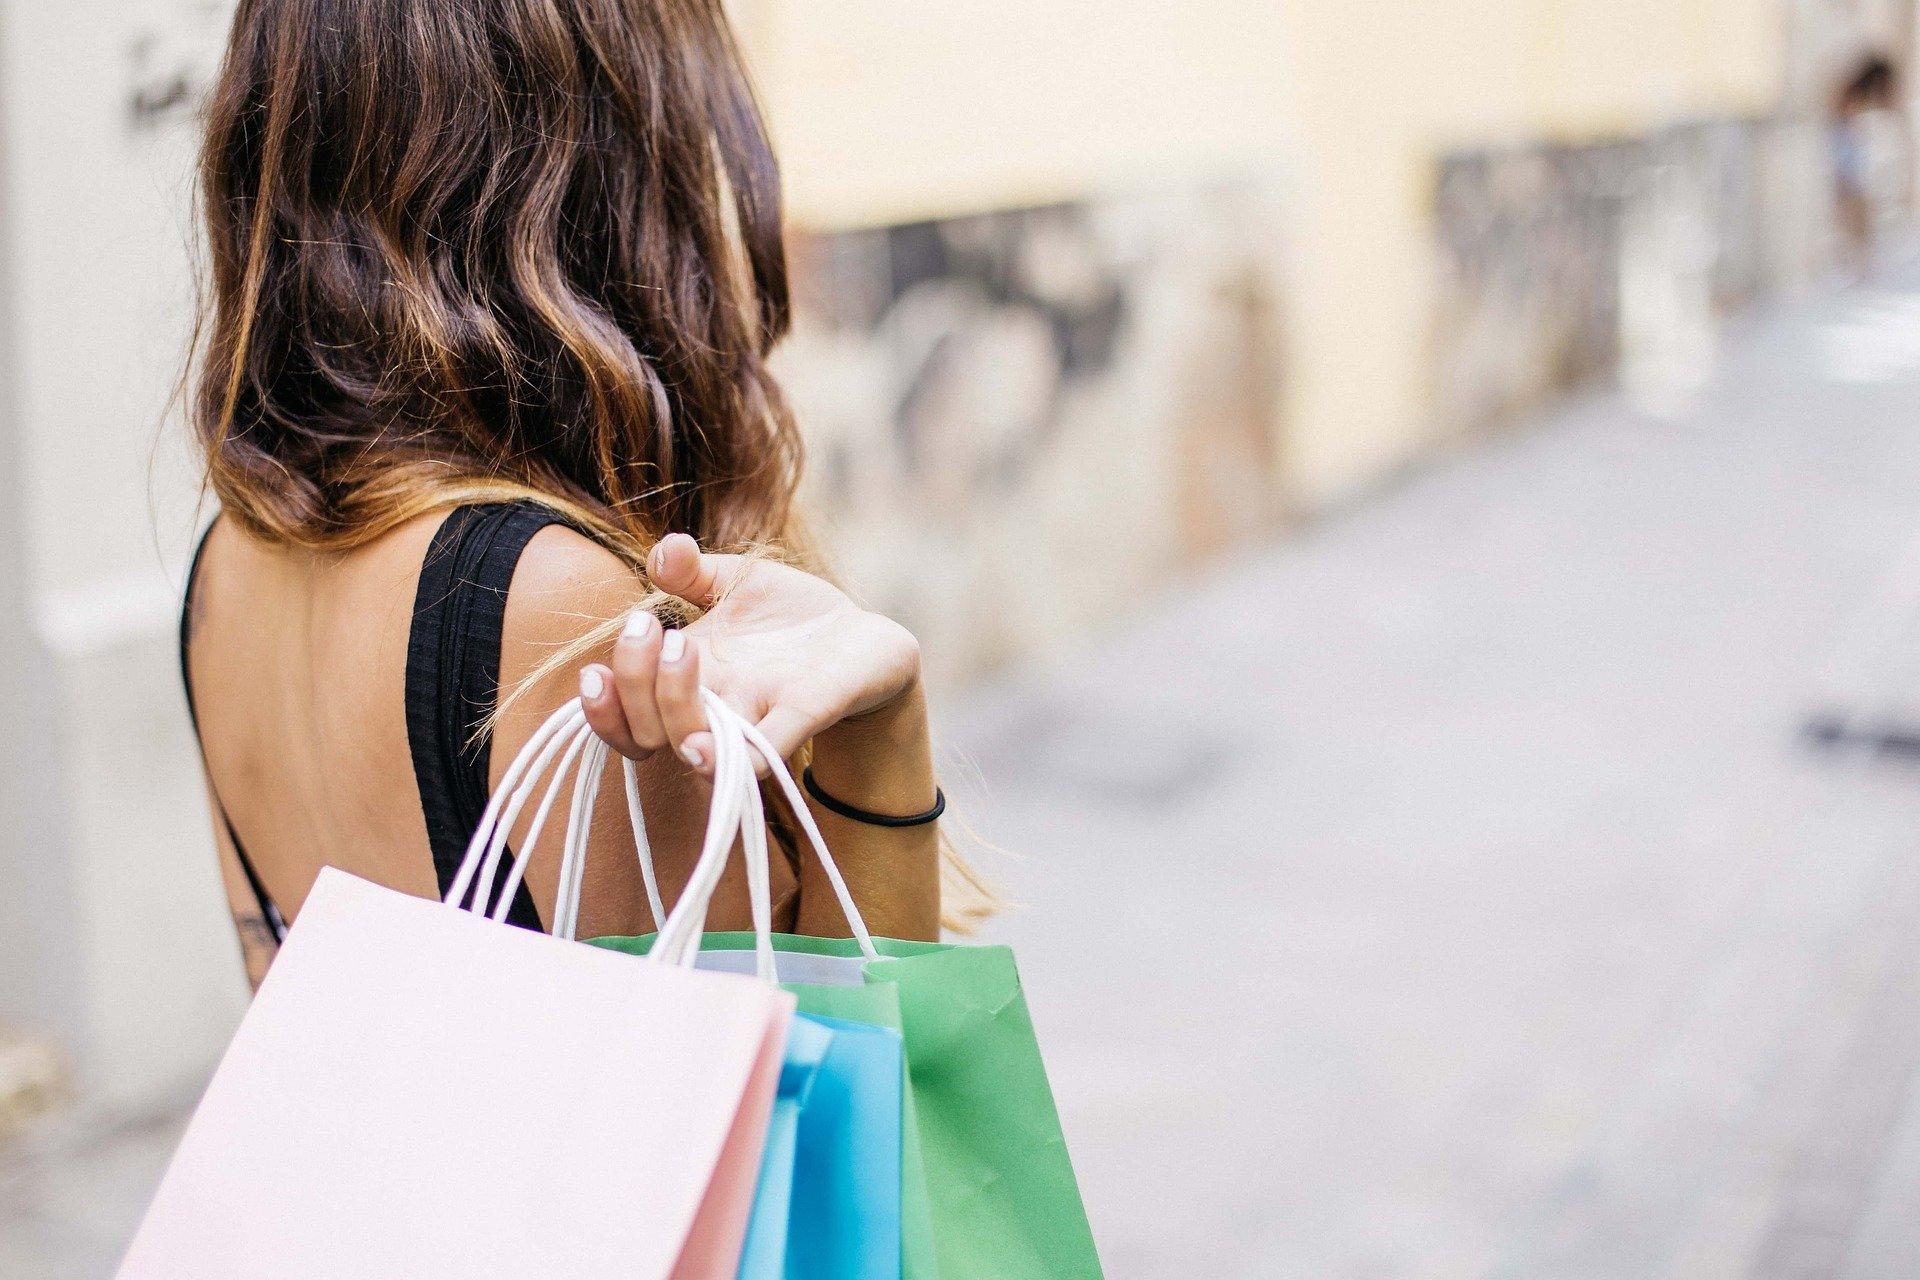 consumer spending habits picture